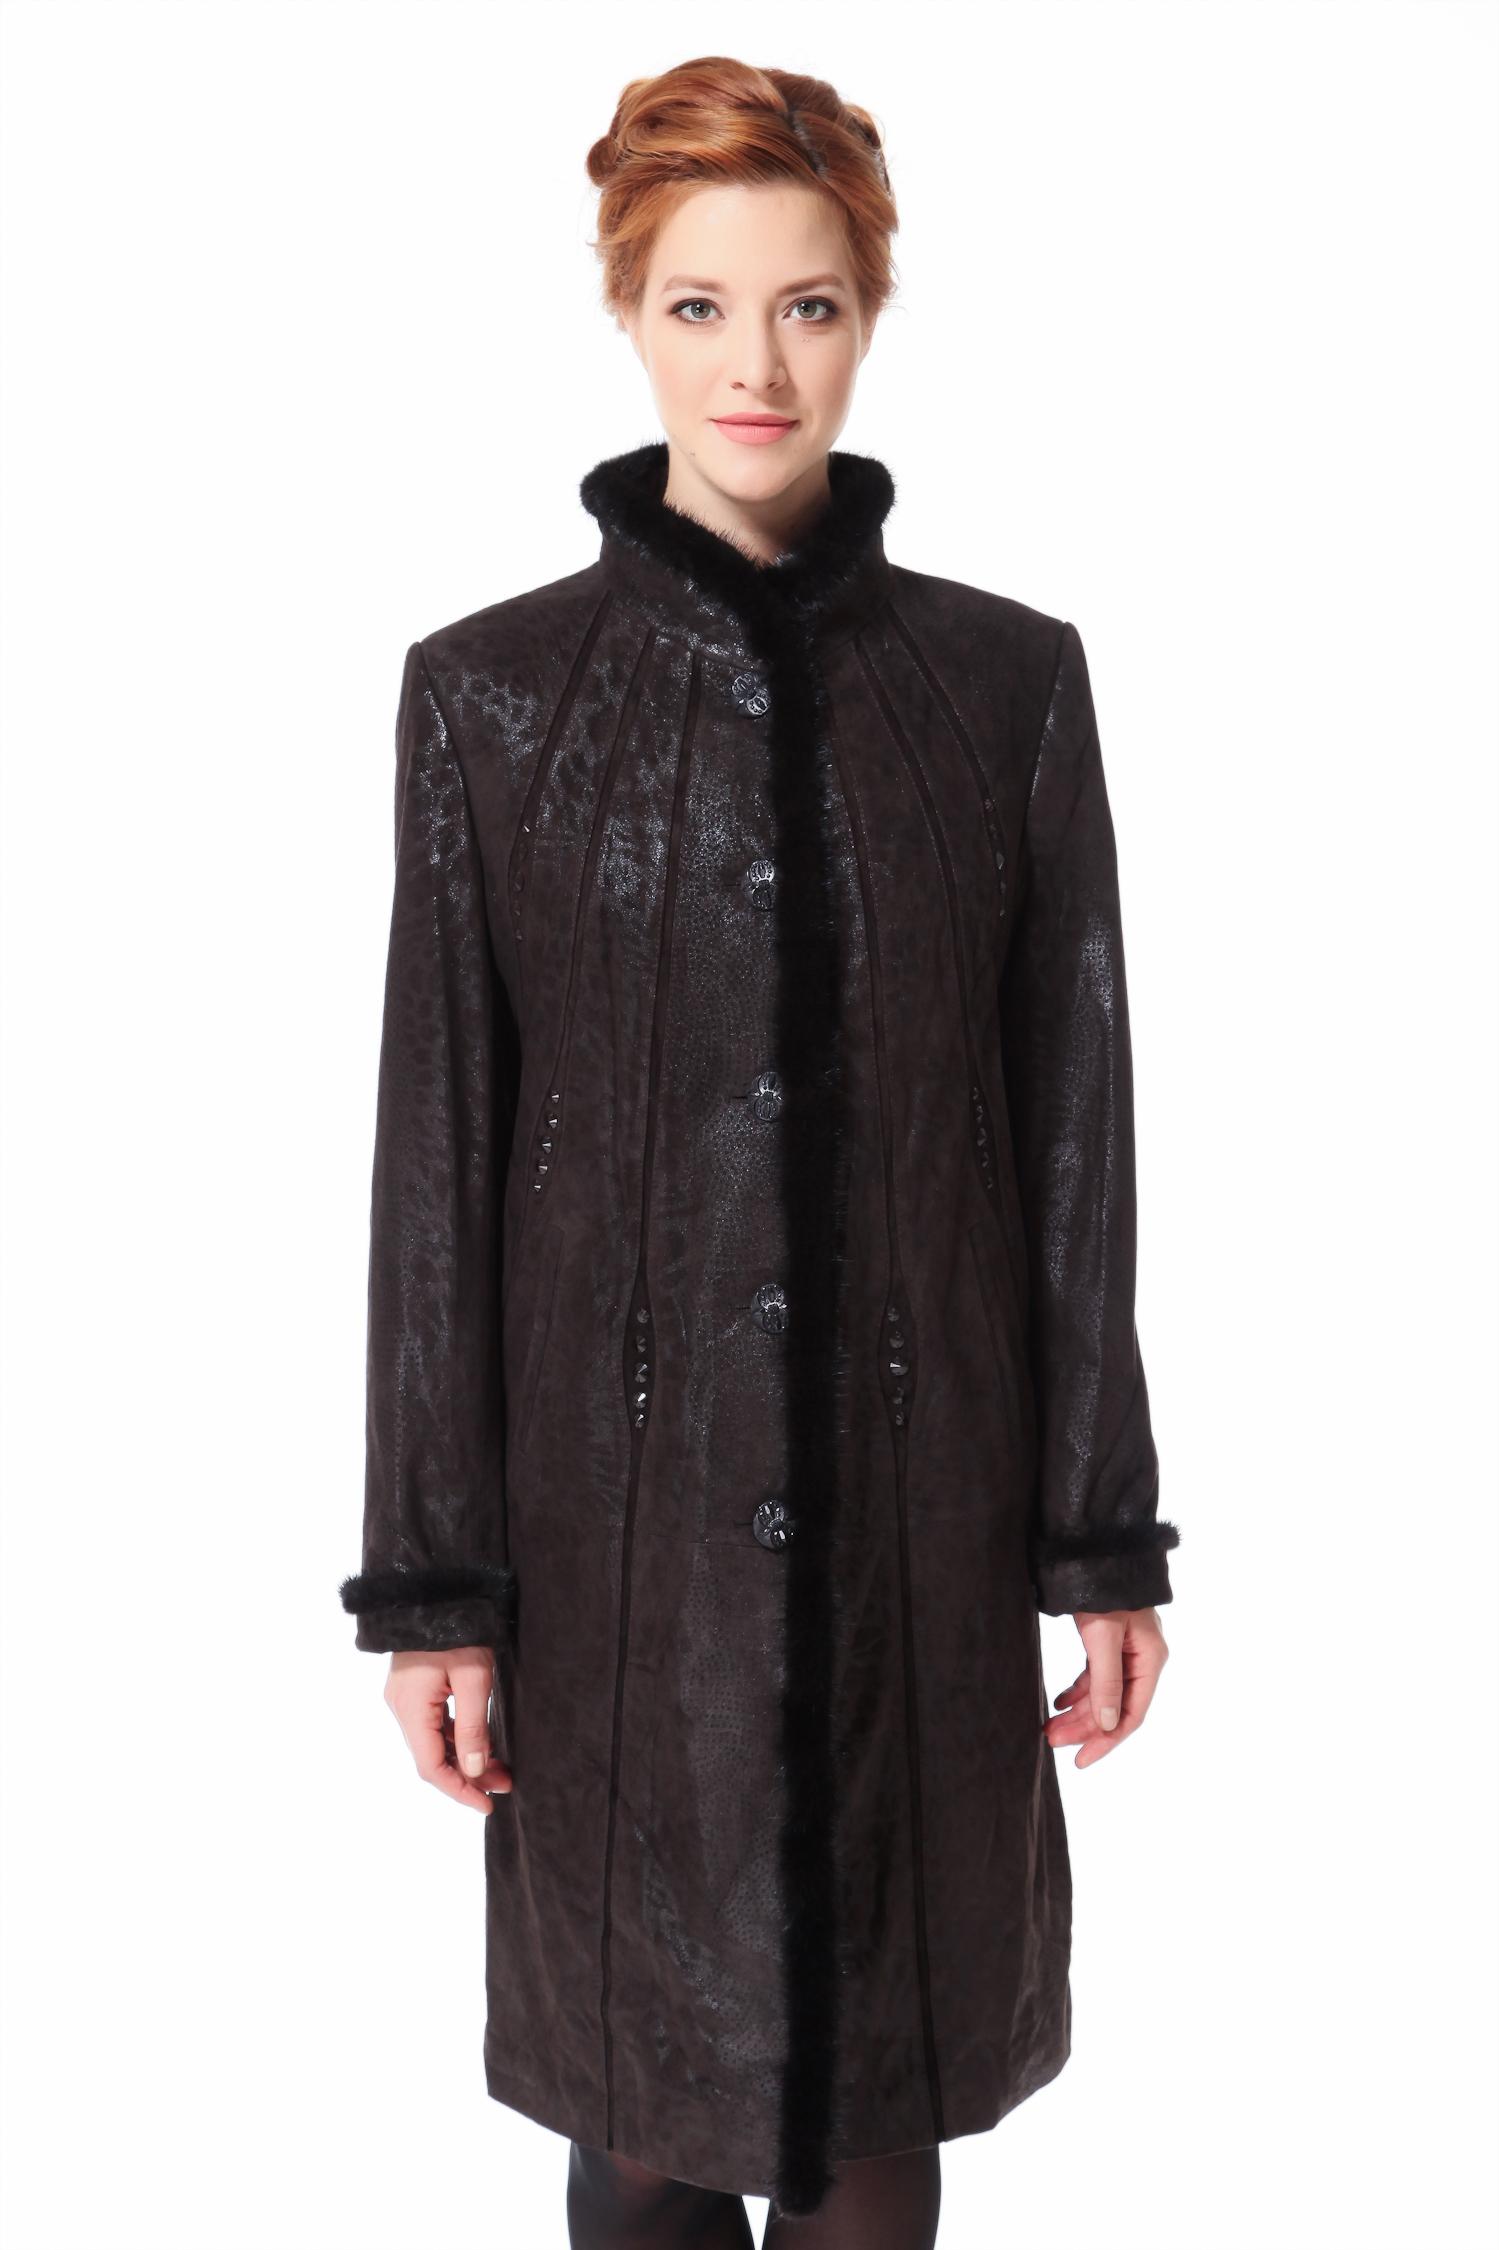 Женское кожаное пальто из натуральной кожи с воротником, отделка норкаЦвет  горького шоколада.<br><br>Куртка изготовлена из высококачественной замши с накатом. Отделка - мех норки. В качестве утеплителя использован синтепон.<br><br>Модель поможет выглядеть всегда восхитительно и современно, благодаря современным технологиям, при помощи которых на замшу нанесен рисунок имитирующий анималистический принт, являющийся горячим трендом нового сезона. Удачная комбинация воротника-стойки и оригинальной вертикальной отделки из кожаных полос, великолепно сбалансирует округлый тип фигуры, придавая ему элегантность. Классический фасон изделия, строгая норковая отделка воротника и застежки позволят выглядеть безупречно дамам с округлыми формами.<br><br>Воротник: стойка<br>Длина см: Длинная (свыше 90)<br>Материал: Кожа овчина<br>Цвет: коричневый<br>Пол: Женский<br>Размер RU: 58